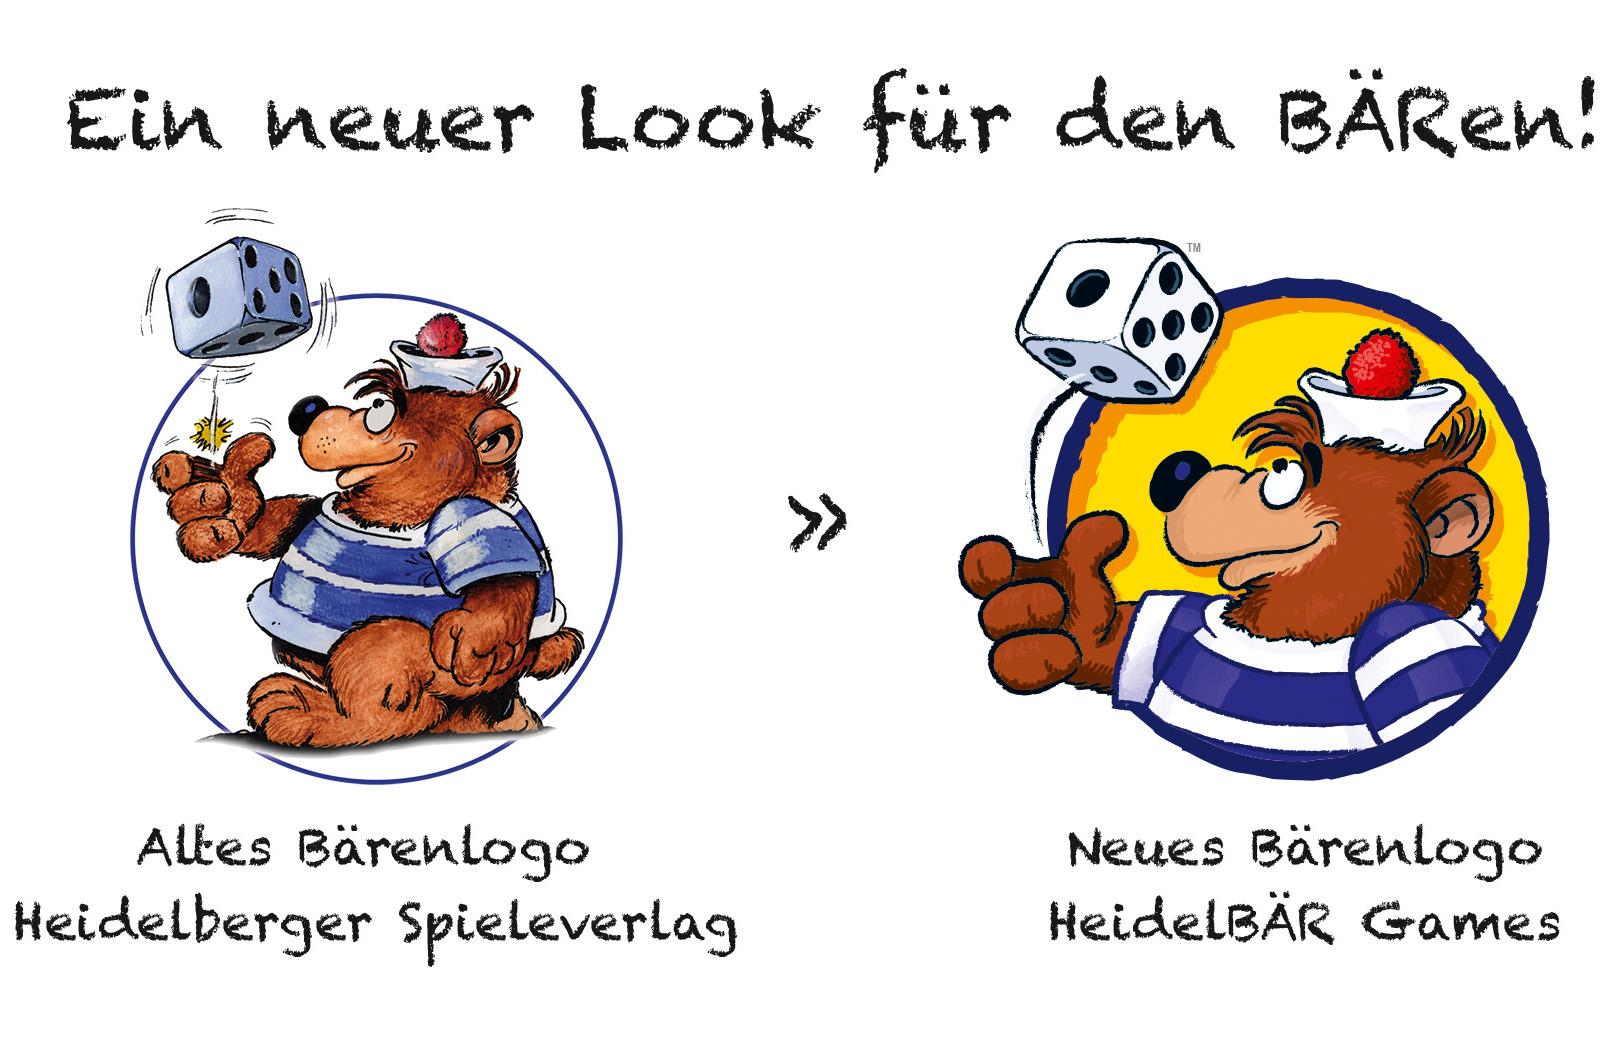 heidelbär games logos